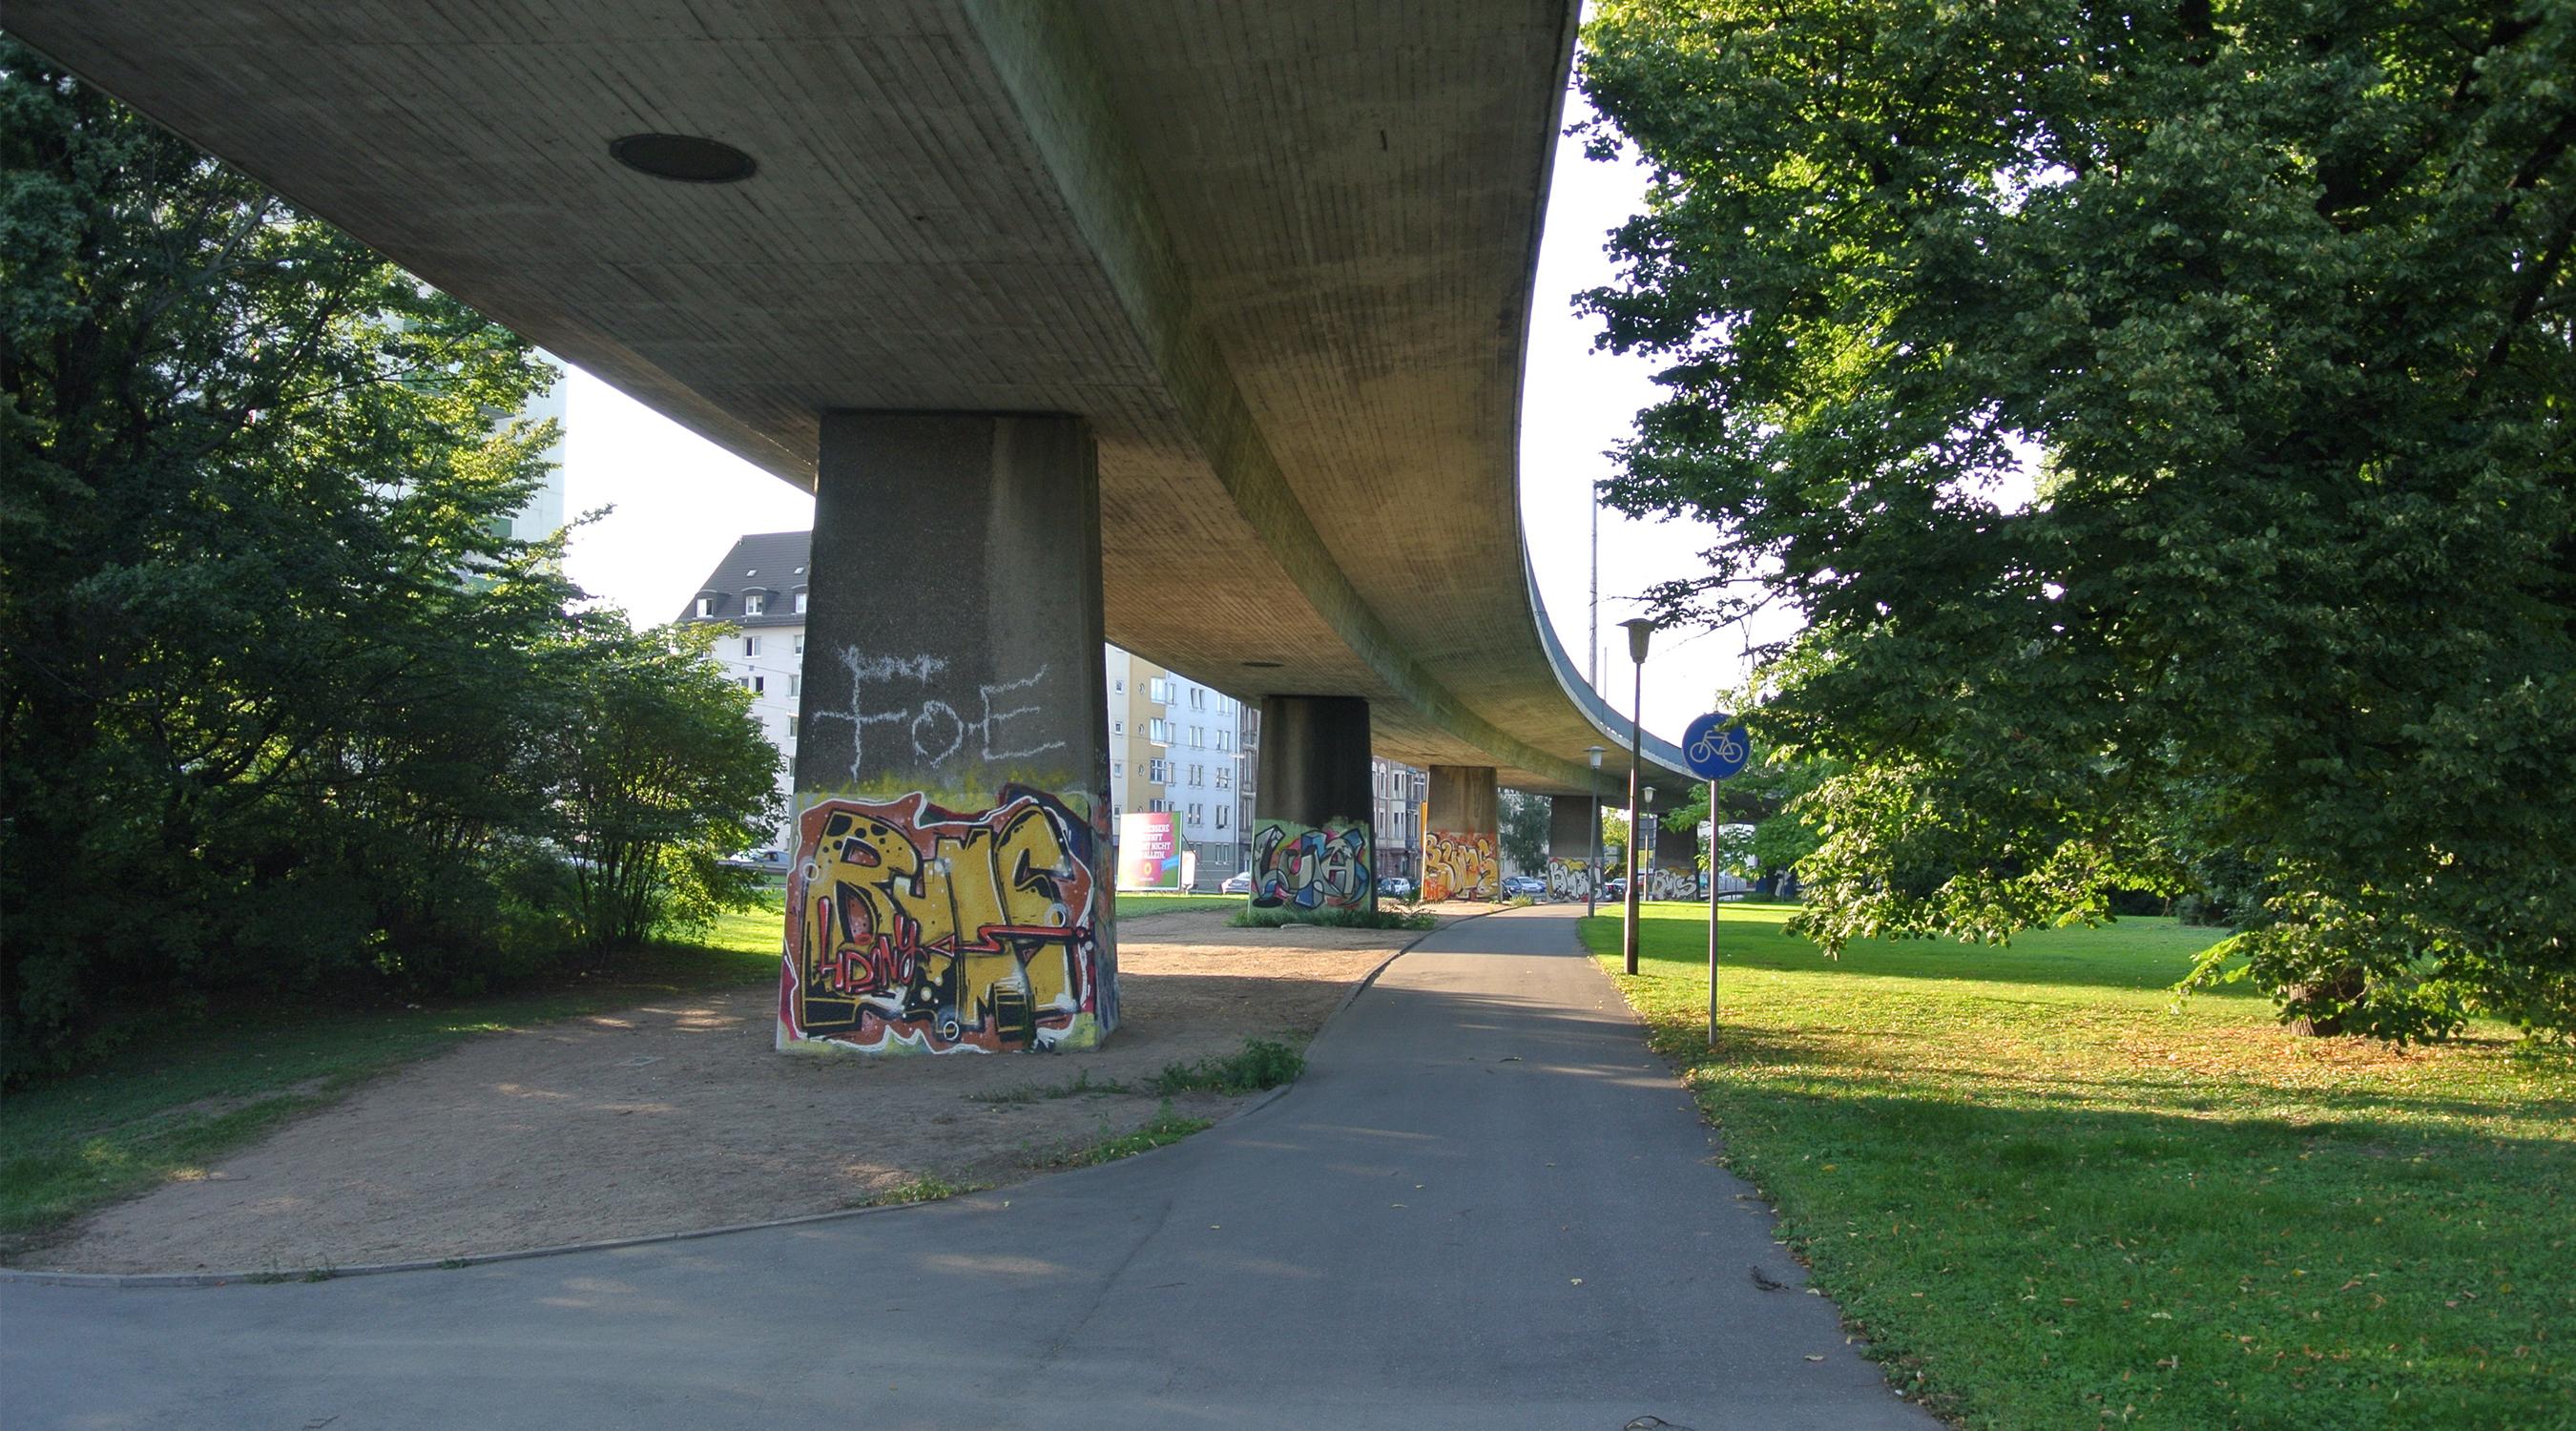 Universität Mannheim Friedrichspark